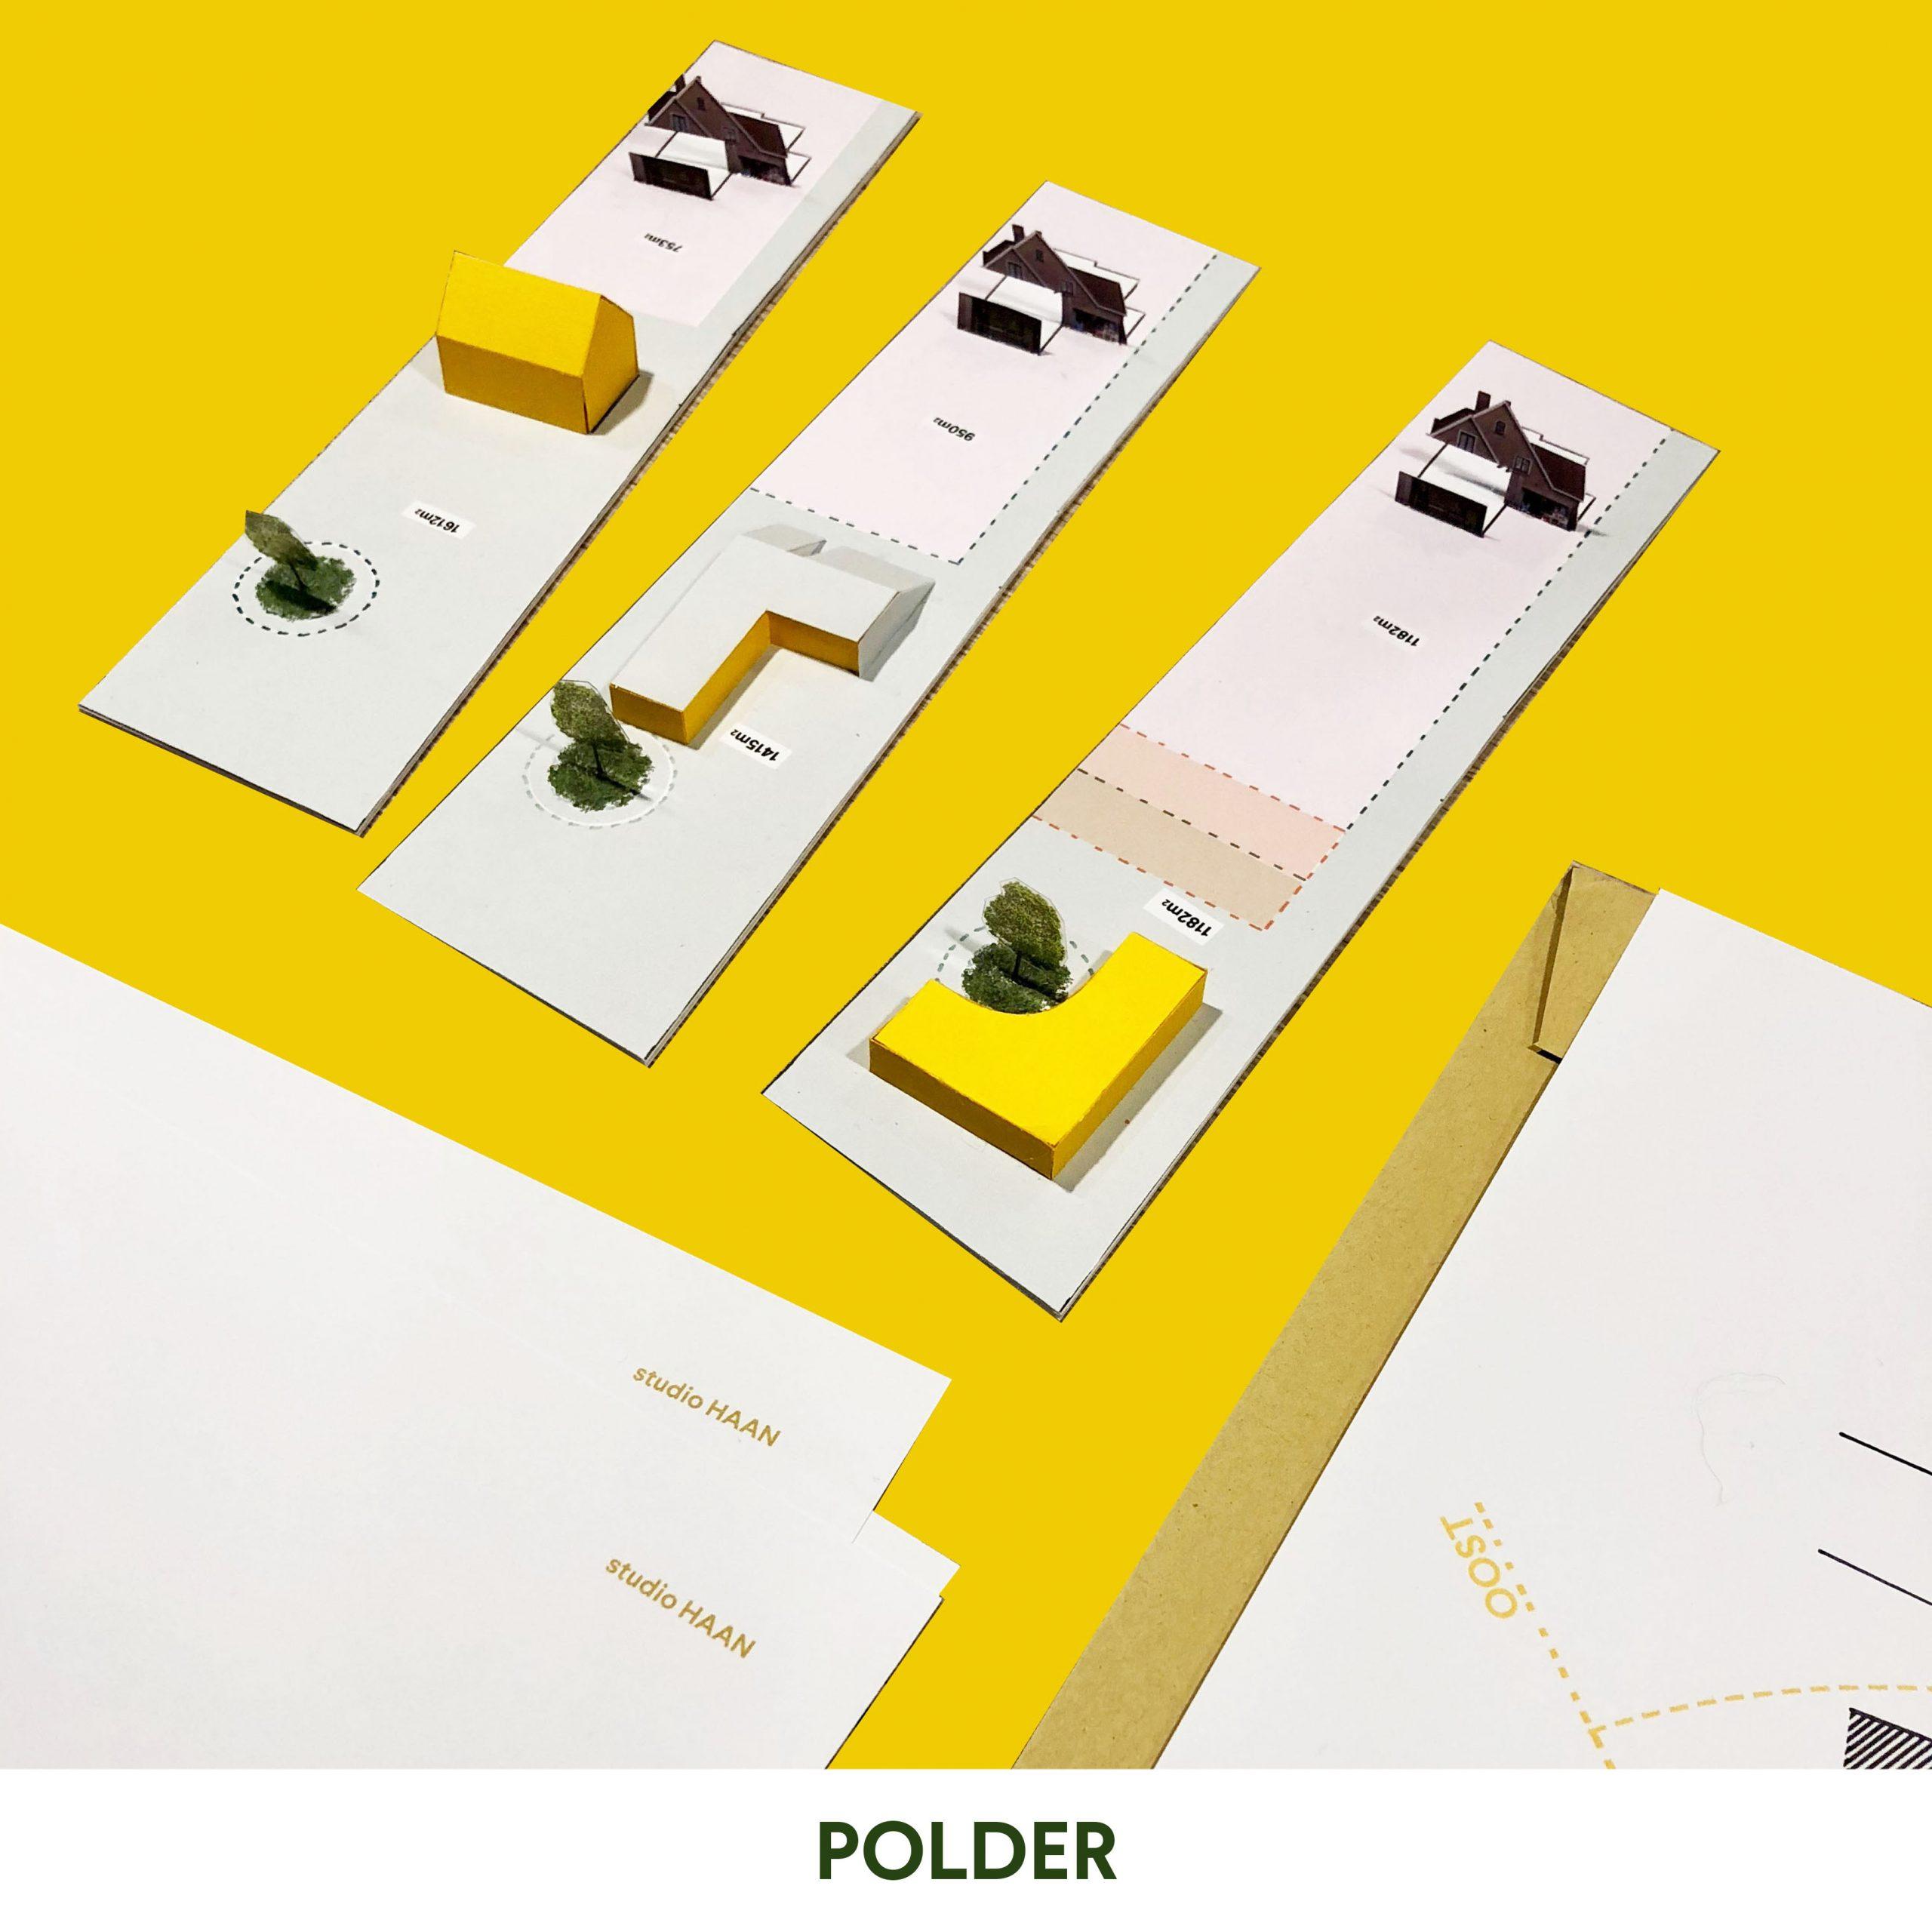 studioHAAN_POLDER